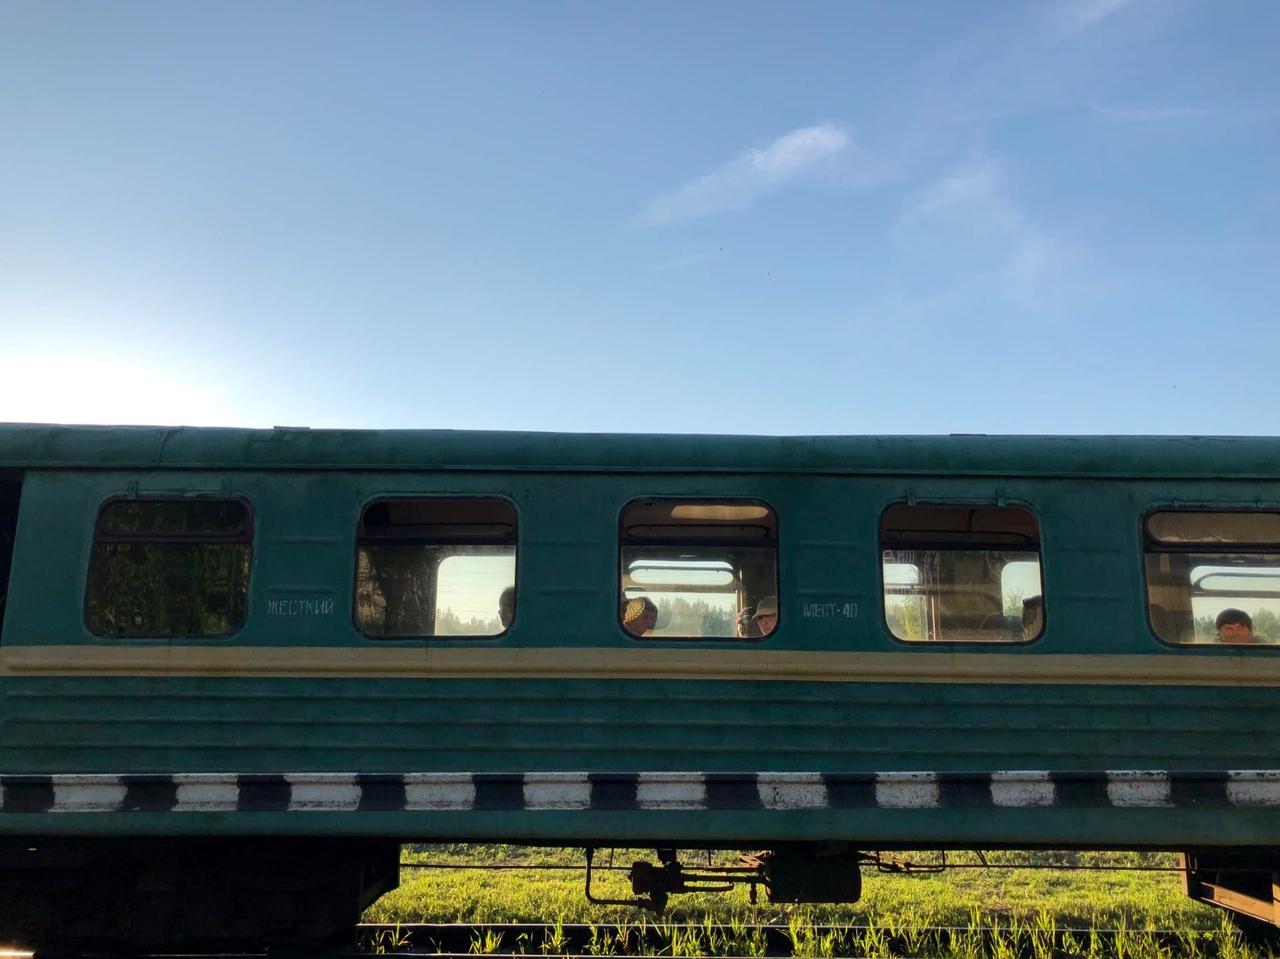 В расписании движения поездов по Каринской узкоколейке появятся изменения